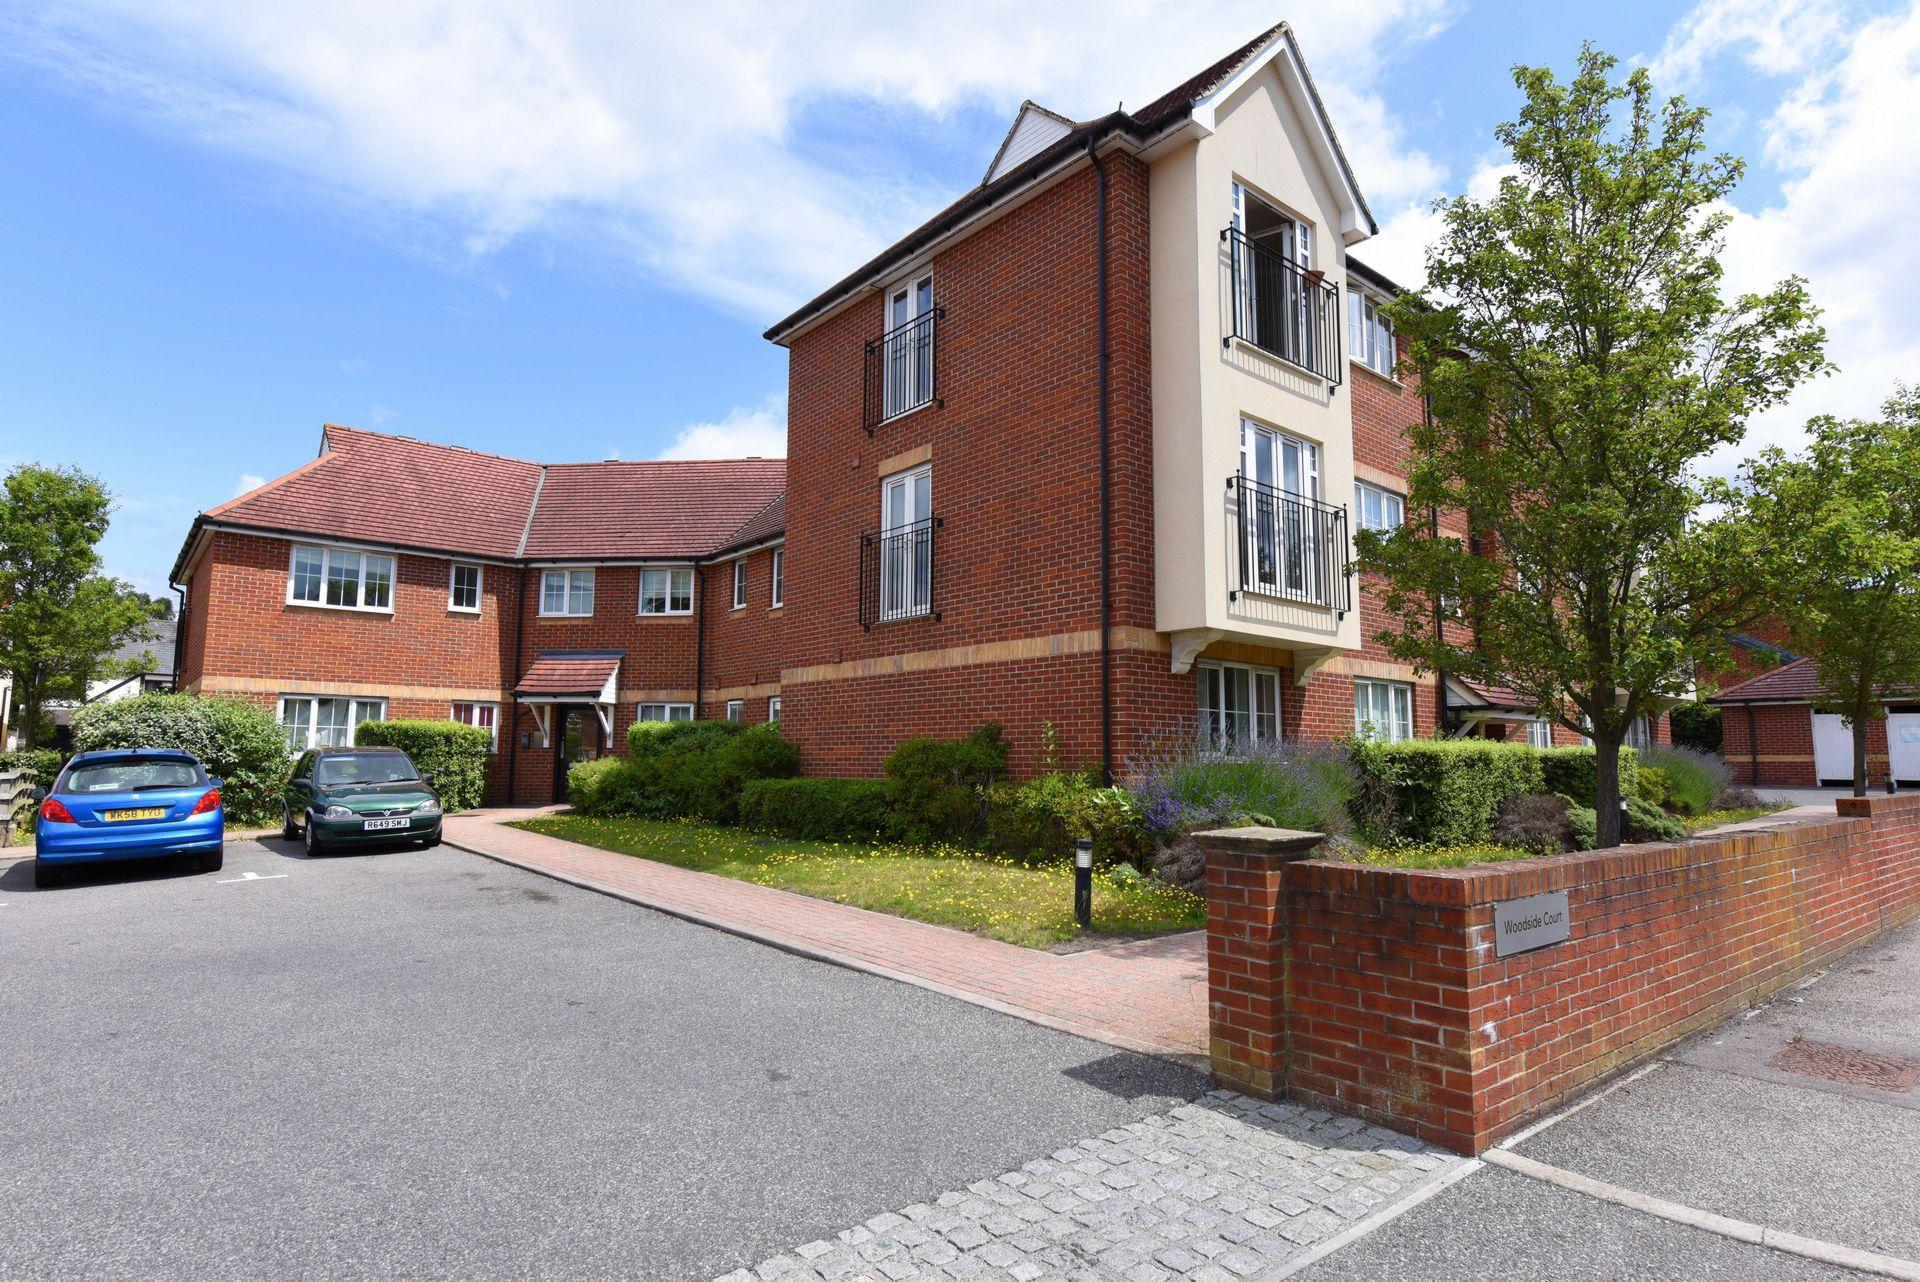 Woodside Court  Farnborough  Farnborough  GU14